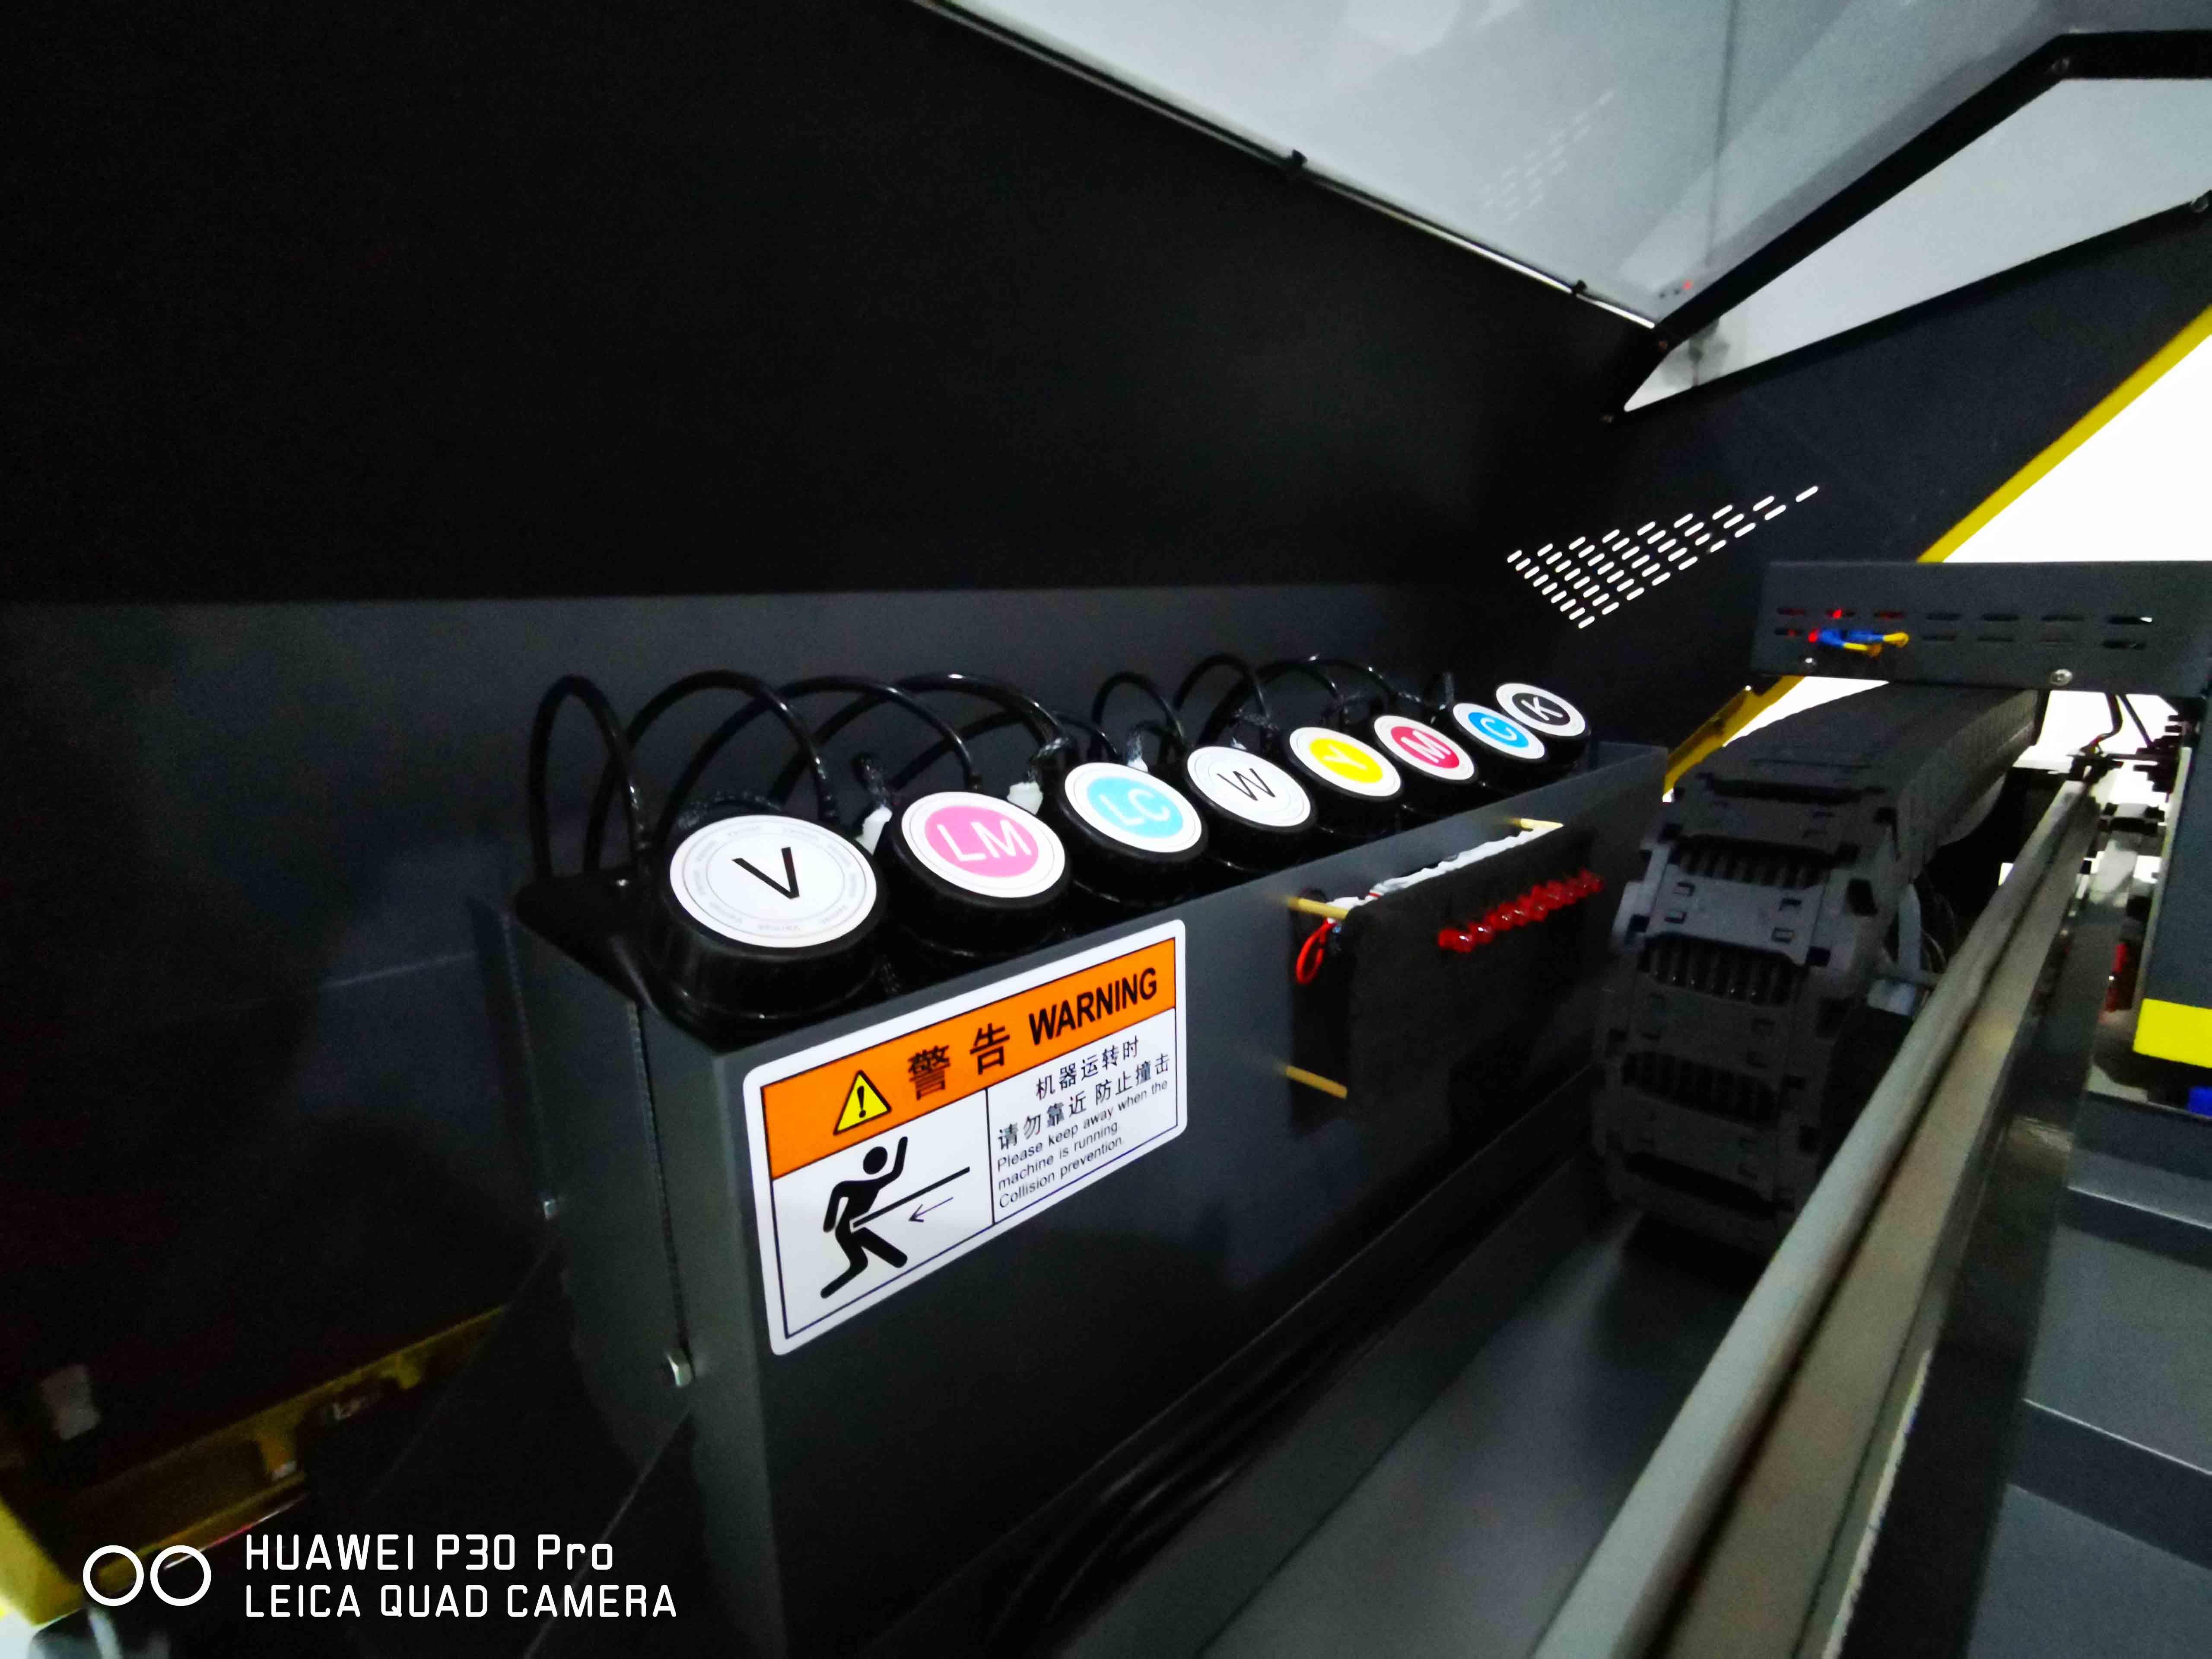 अल्फा जेट छोटे प्रारूप A3 यूवी फोन के मामले में गोल्फ की गेंद डिजिटल यूवी पानी के गिलास मुद्रण मशीन की कीमत